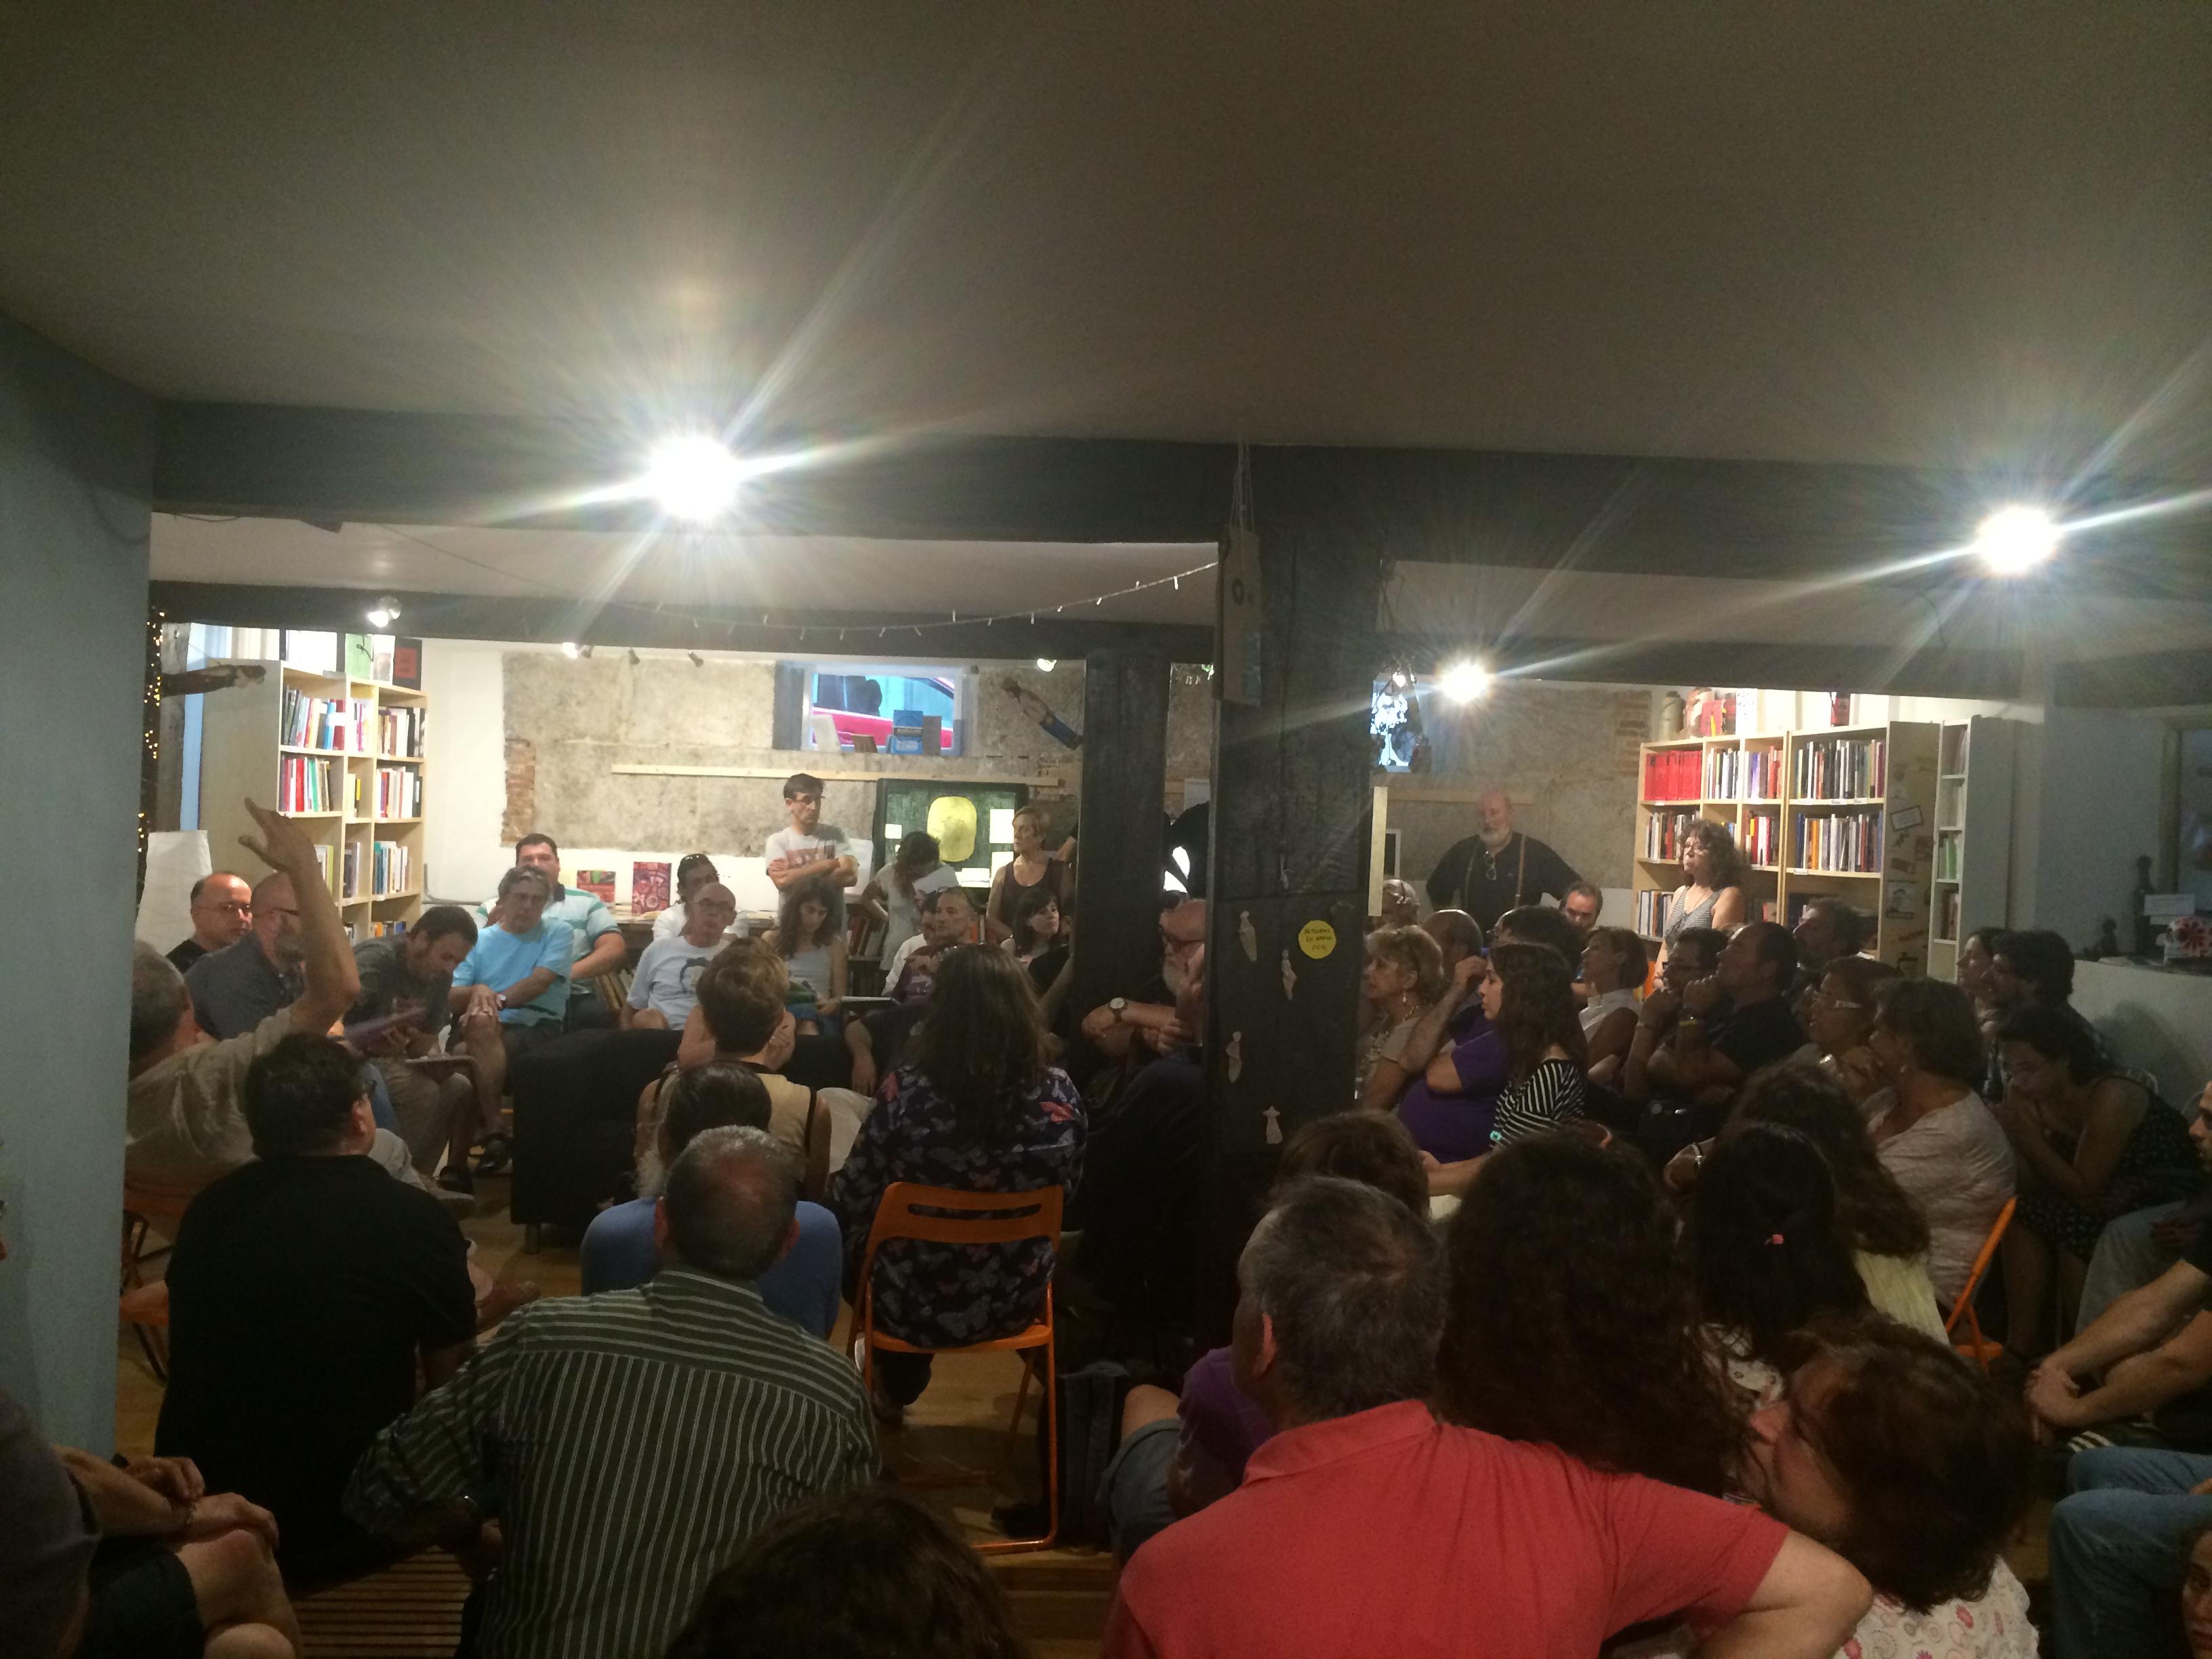 La librería 'La Vorágine' repleta de asistentes